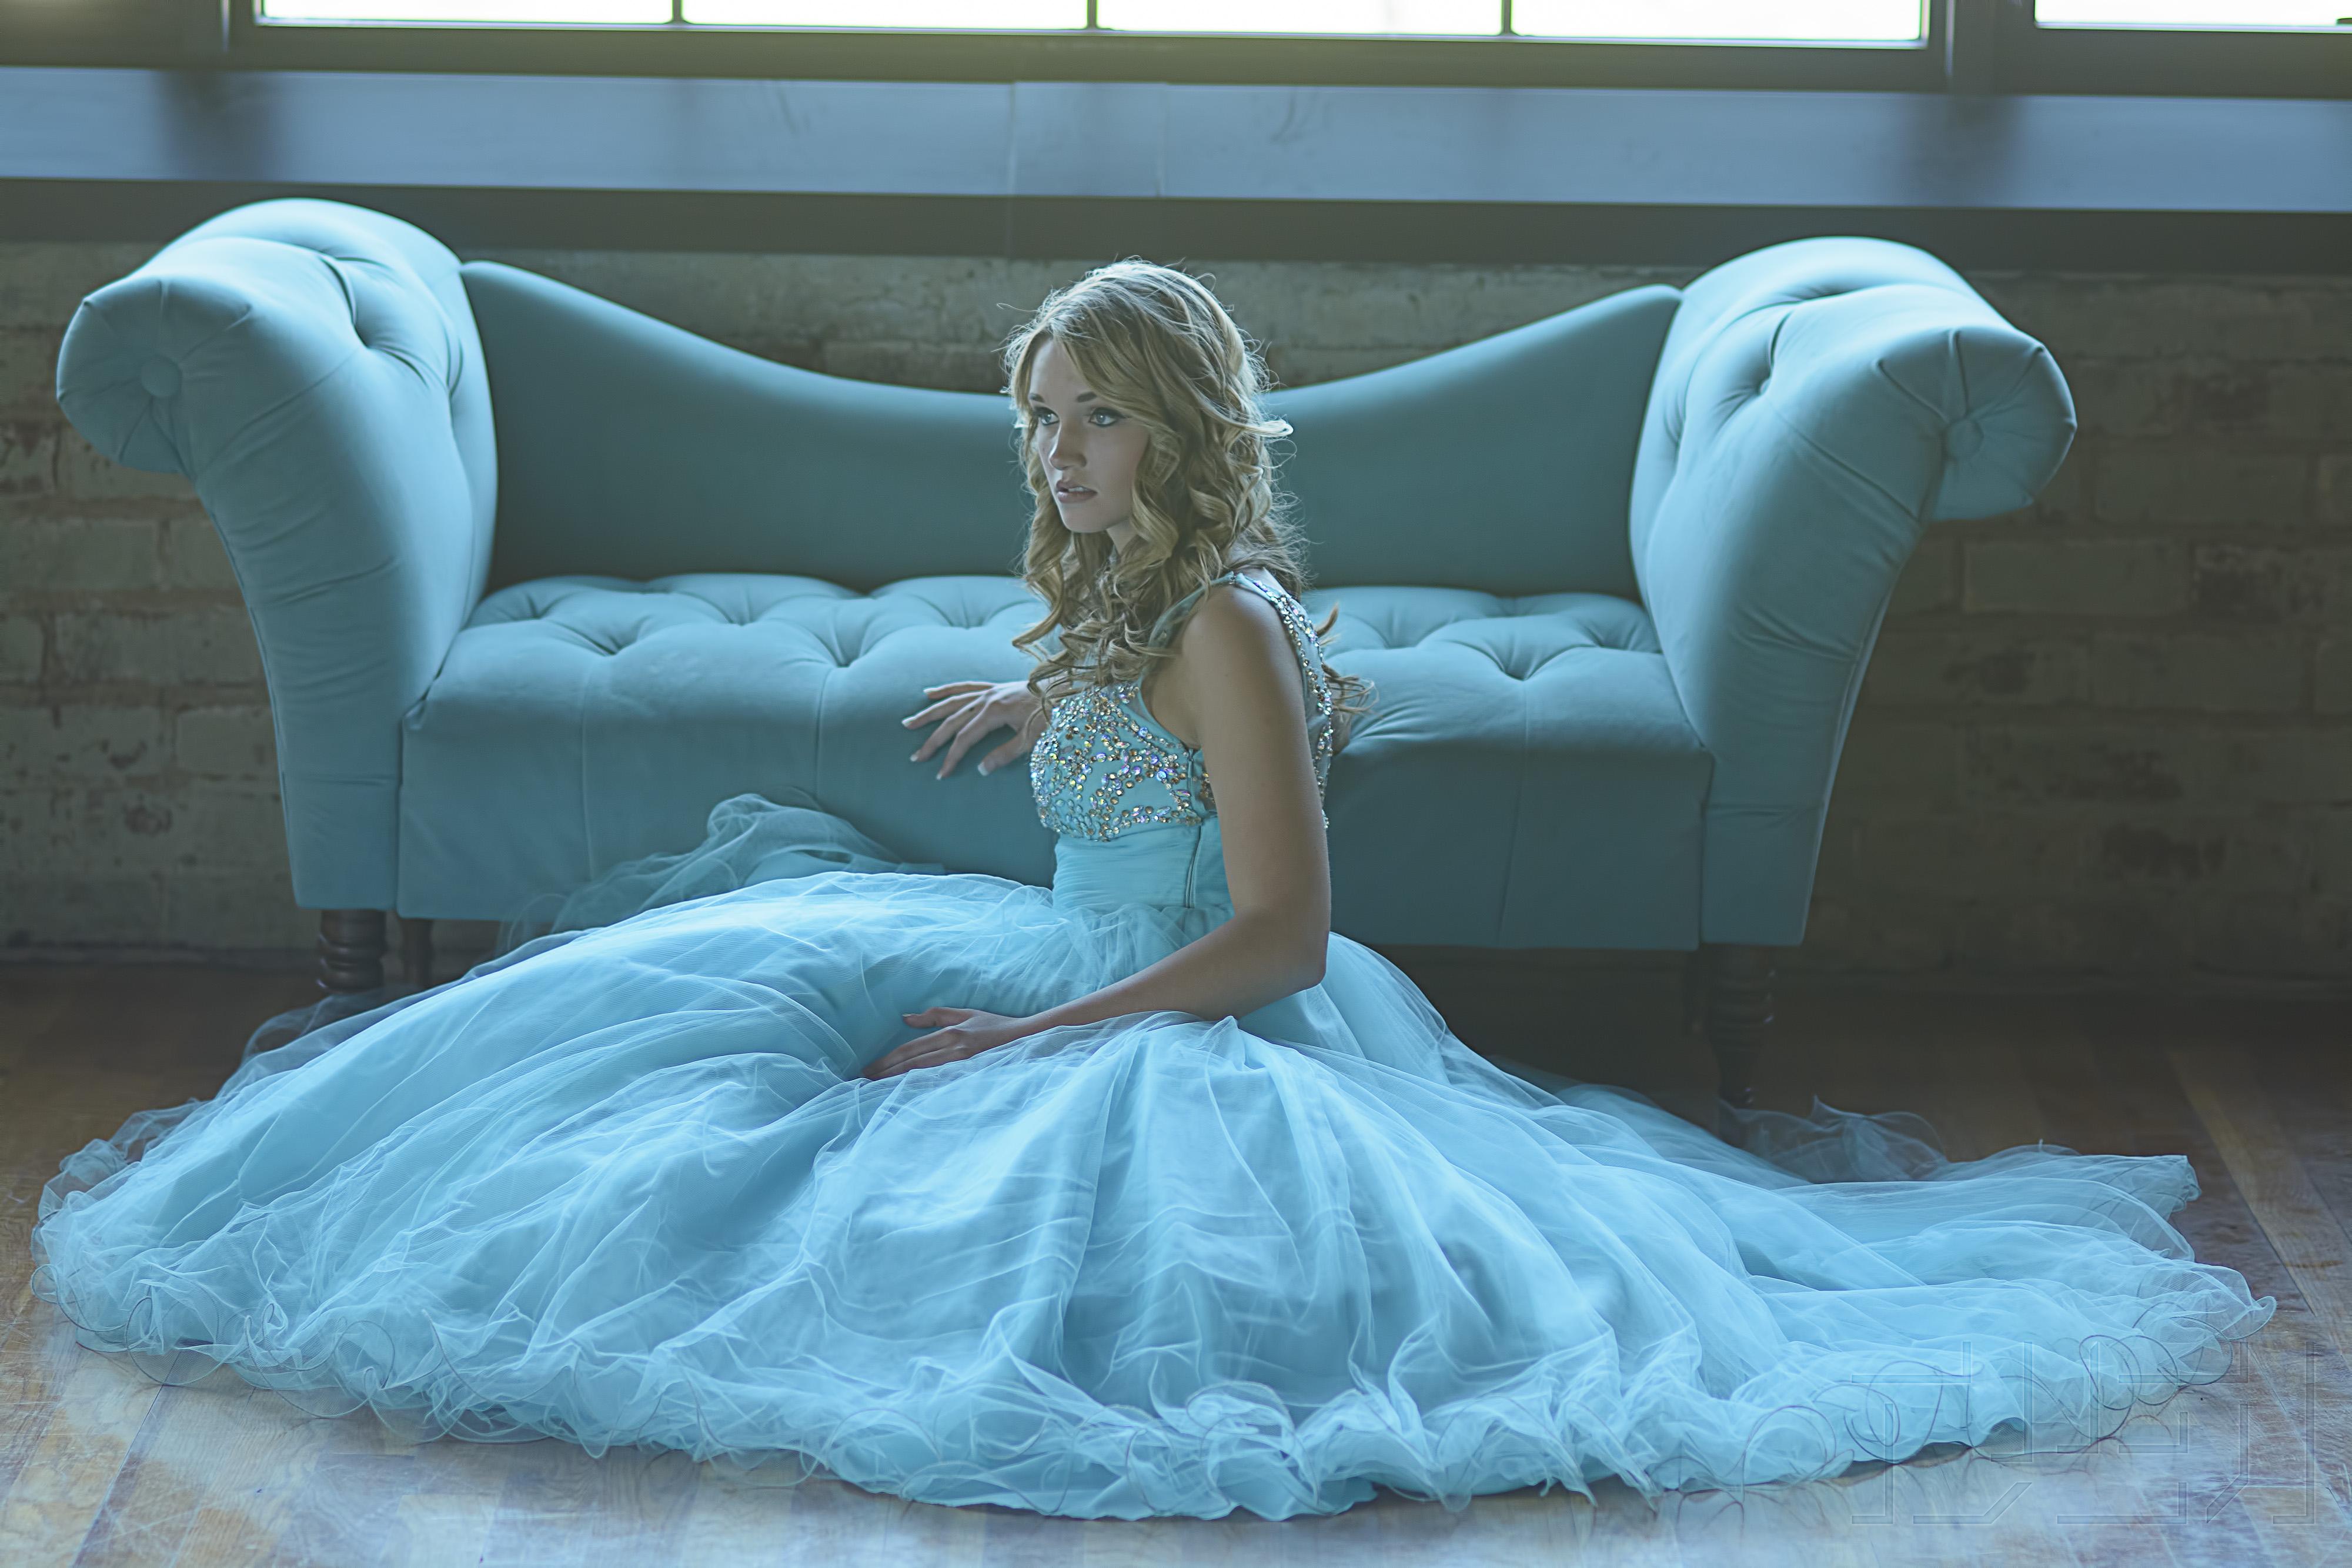 Sydney Olson Fashion Model - À La Carte Fashion